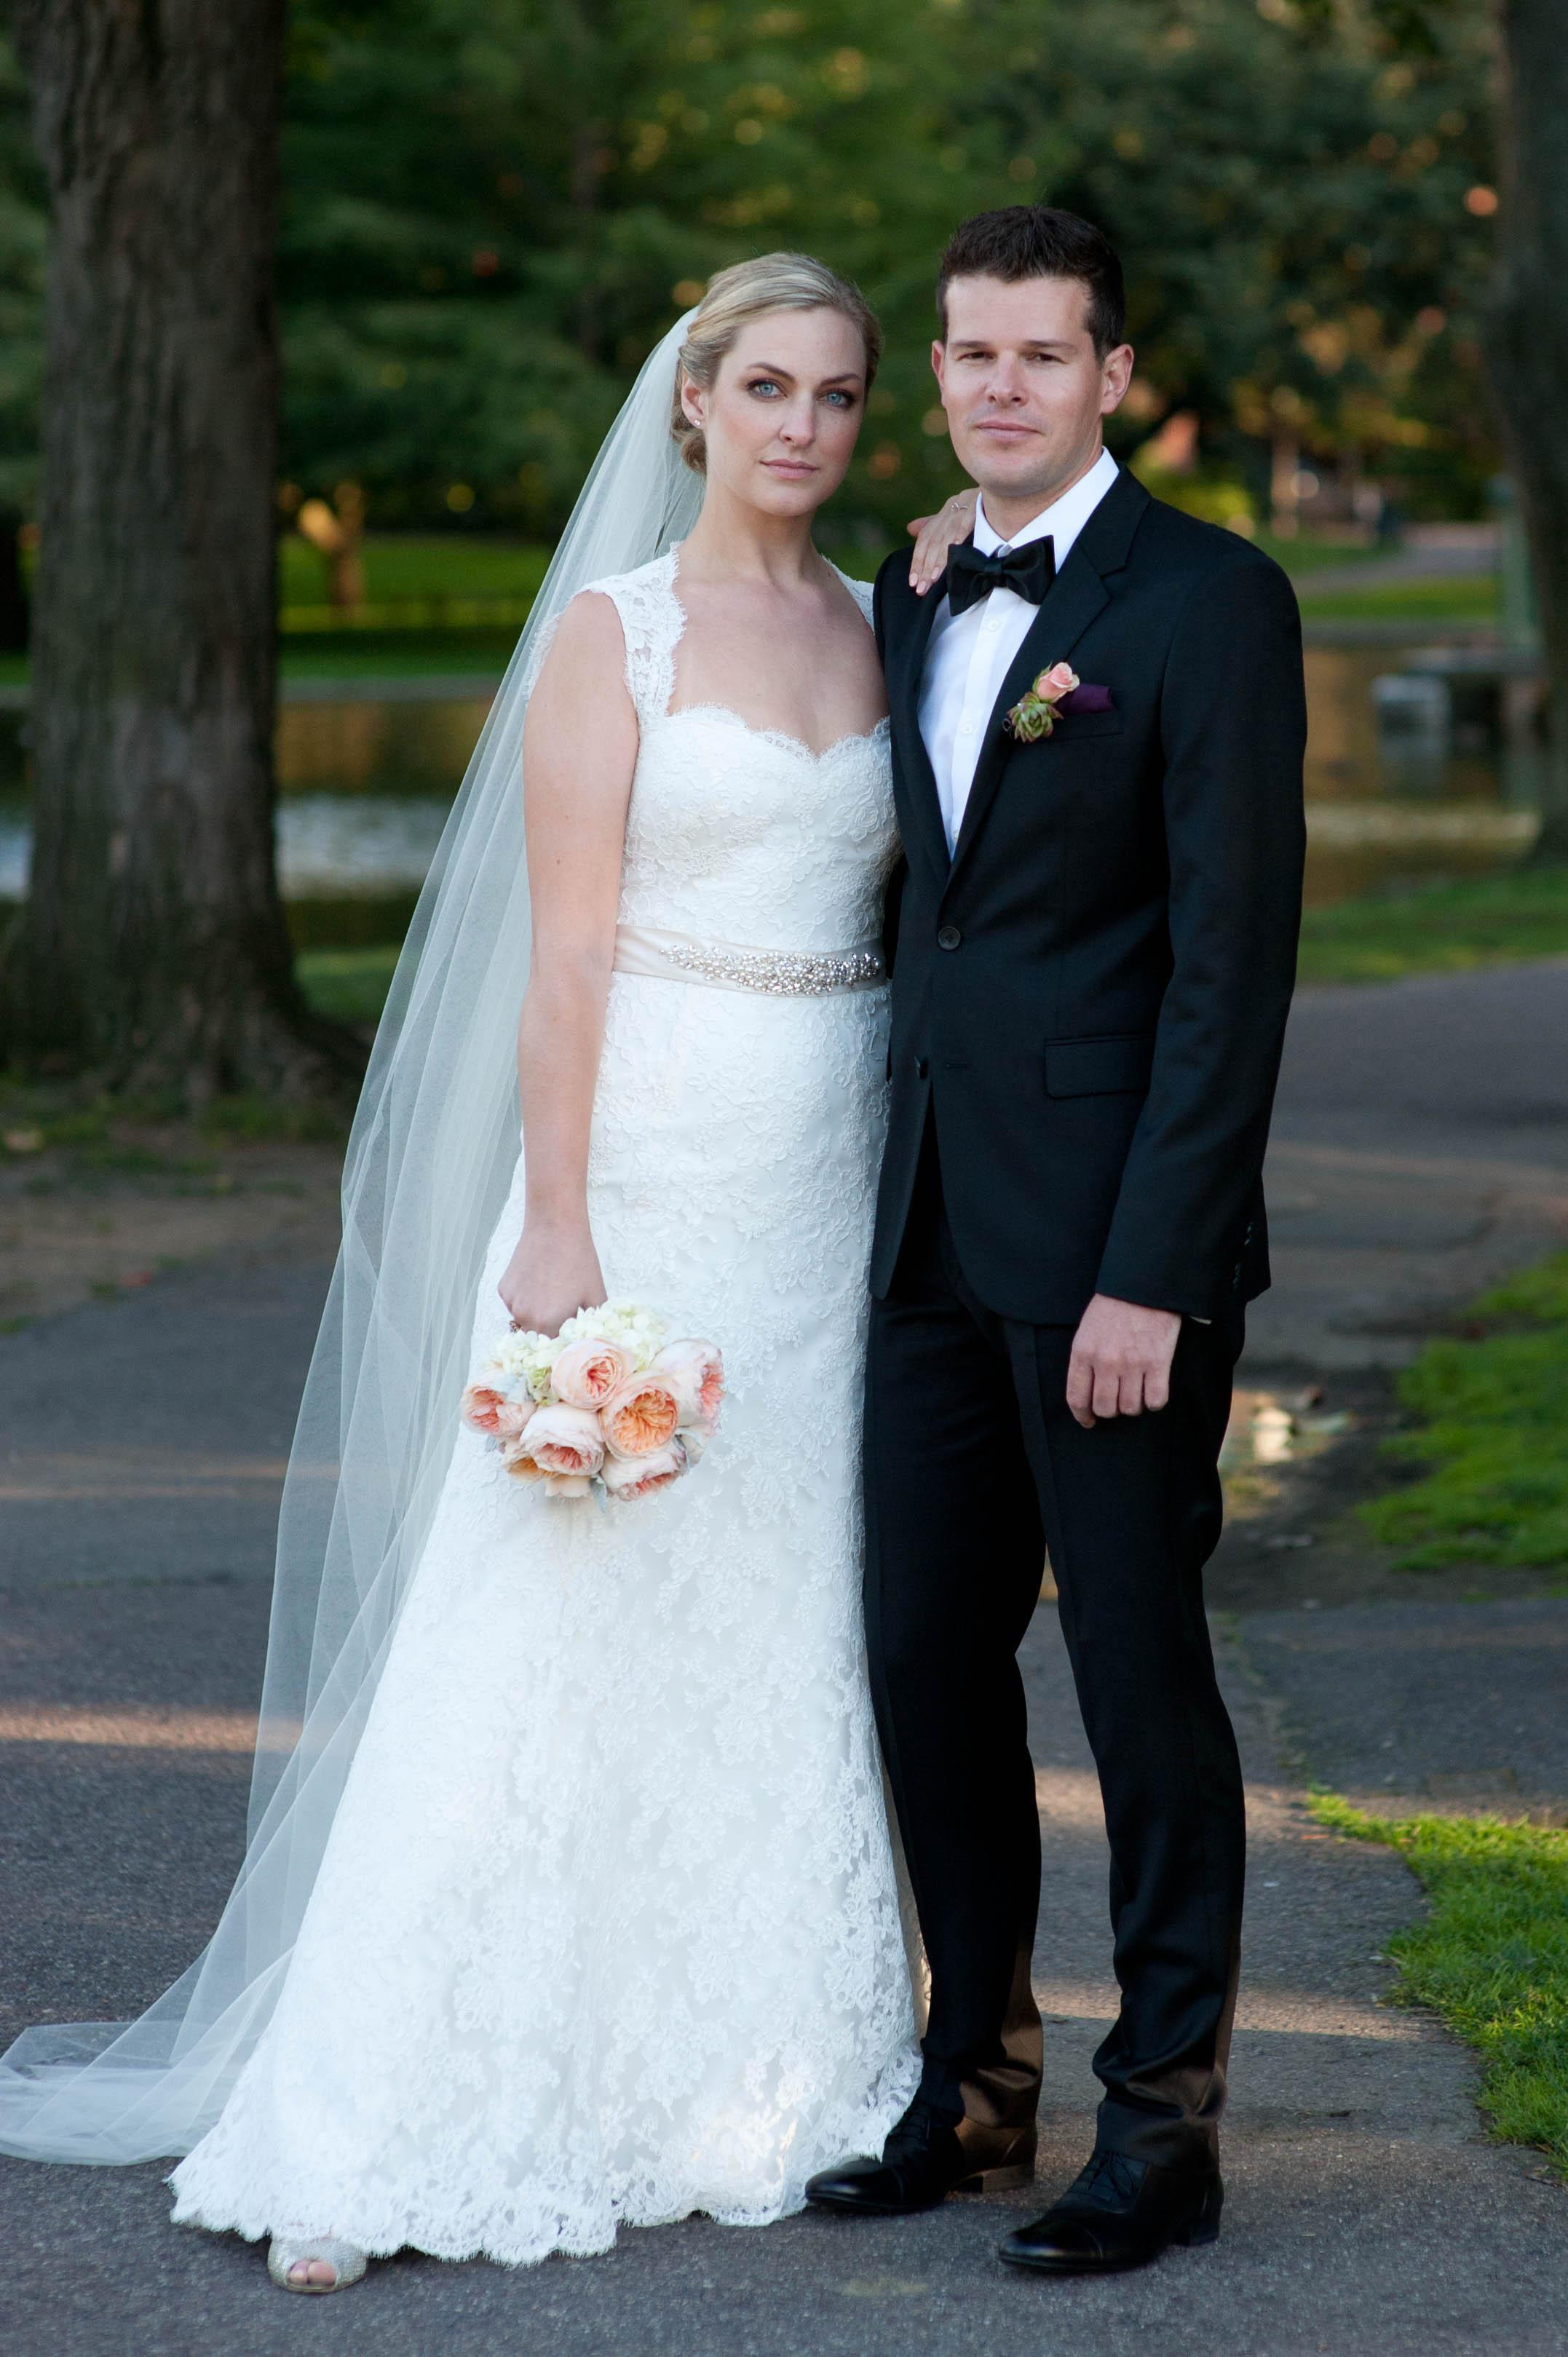 Taj_Wedding_Boston-21.jpg